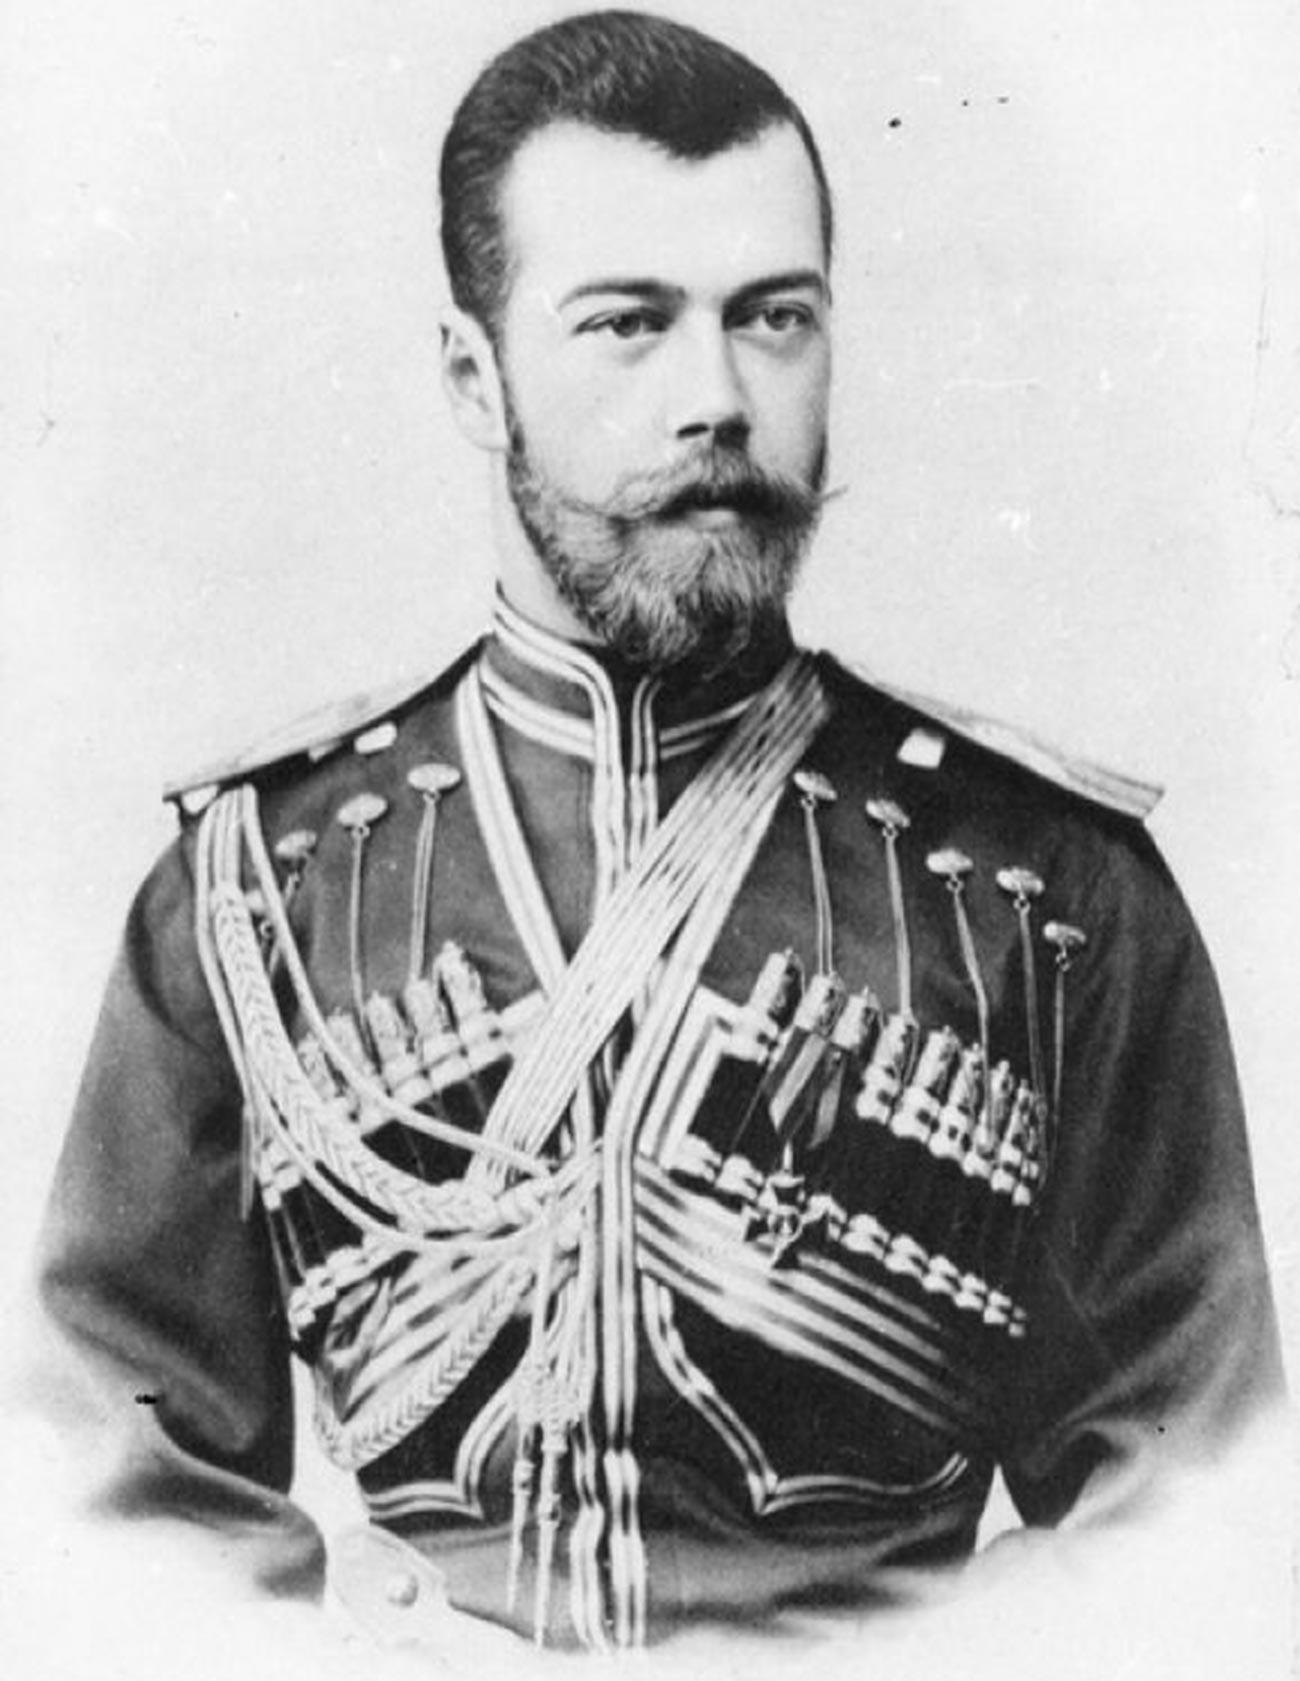 Императорот Николај Втори во униформа на Лејб-гардискиот хусраски полк.